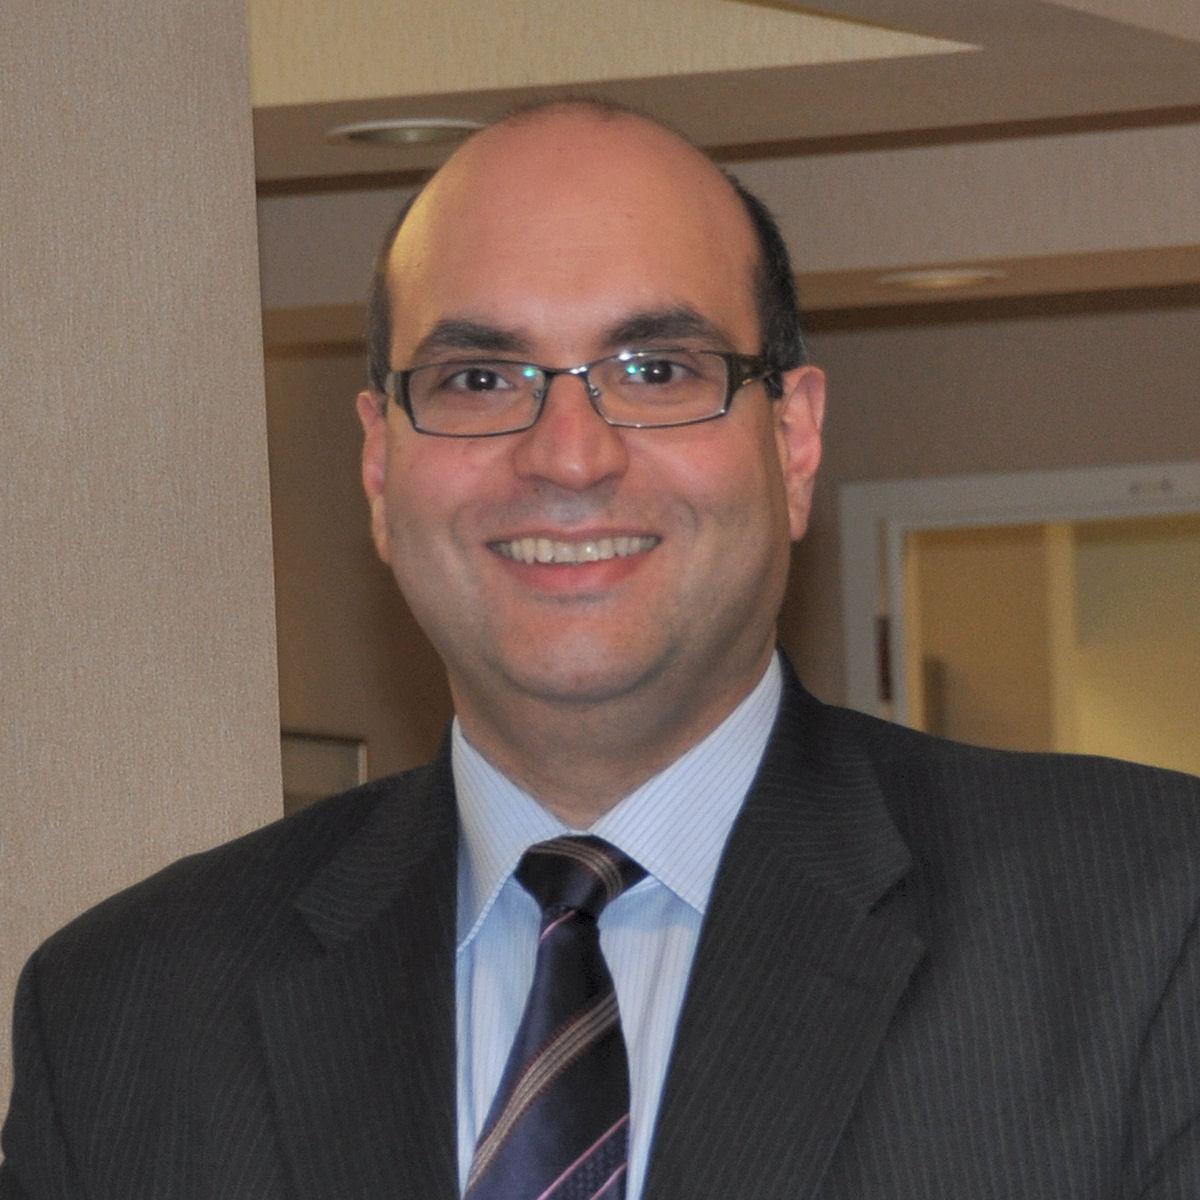 John T  Nasr, M D - Neurology Group of Bergen County